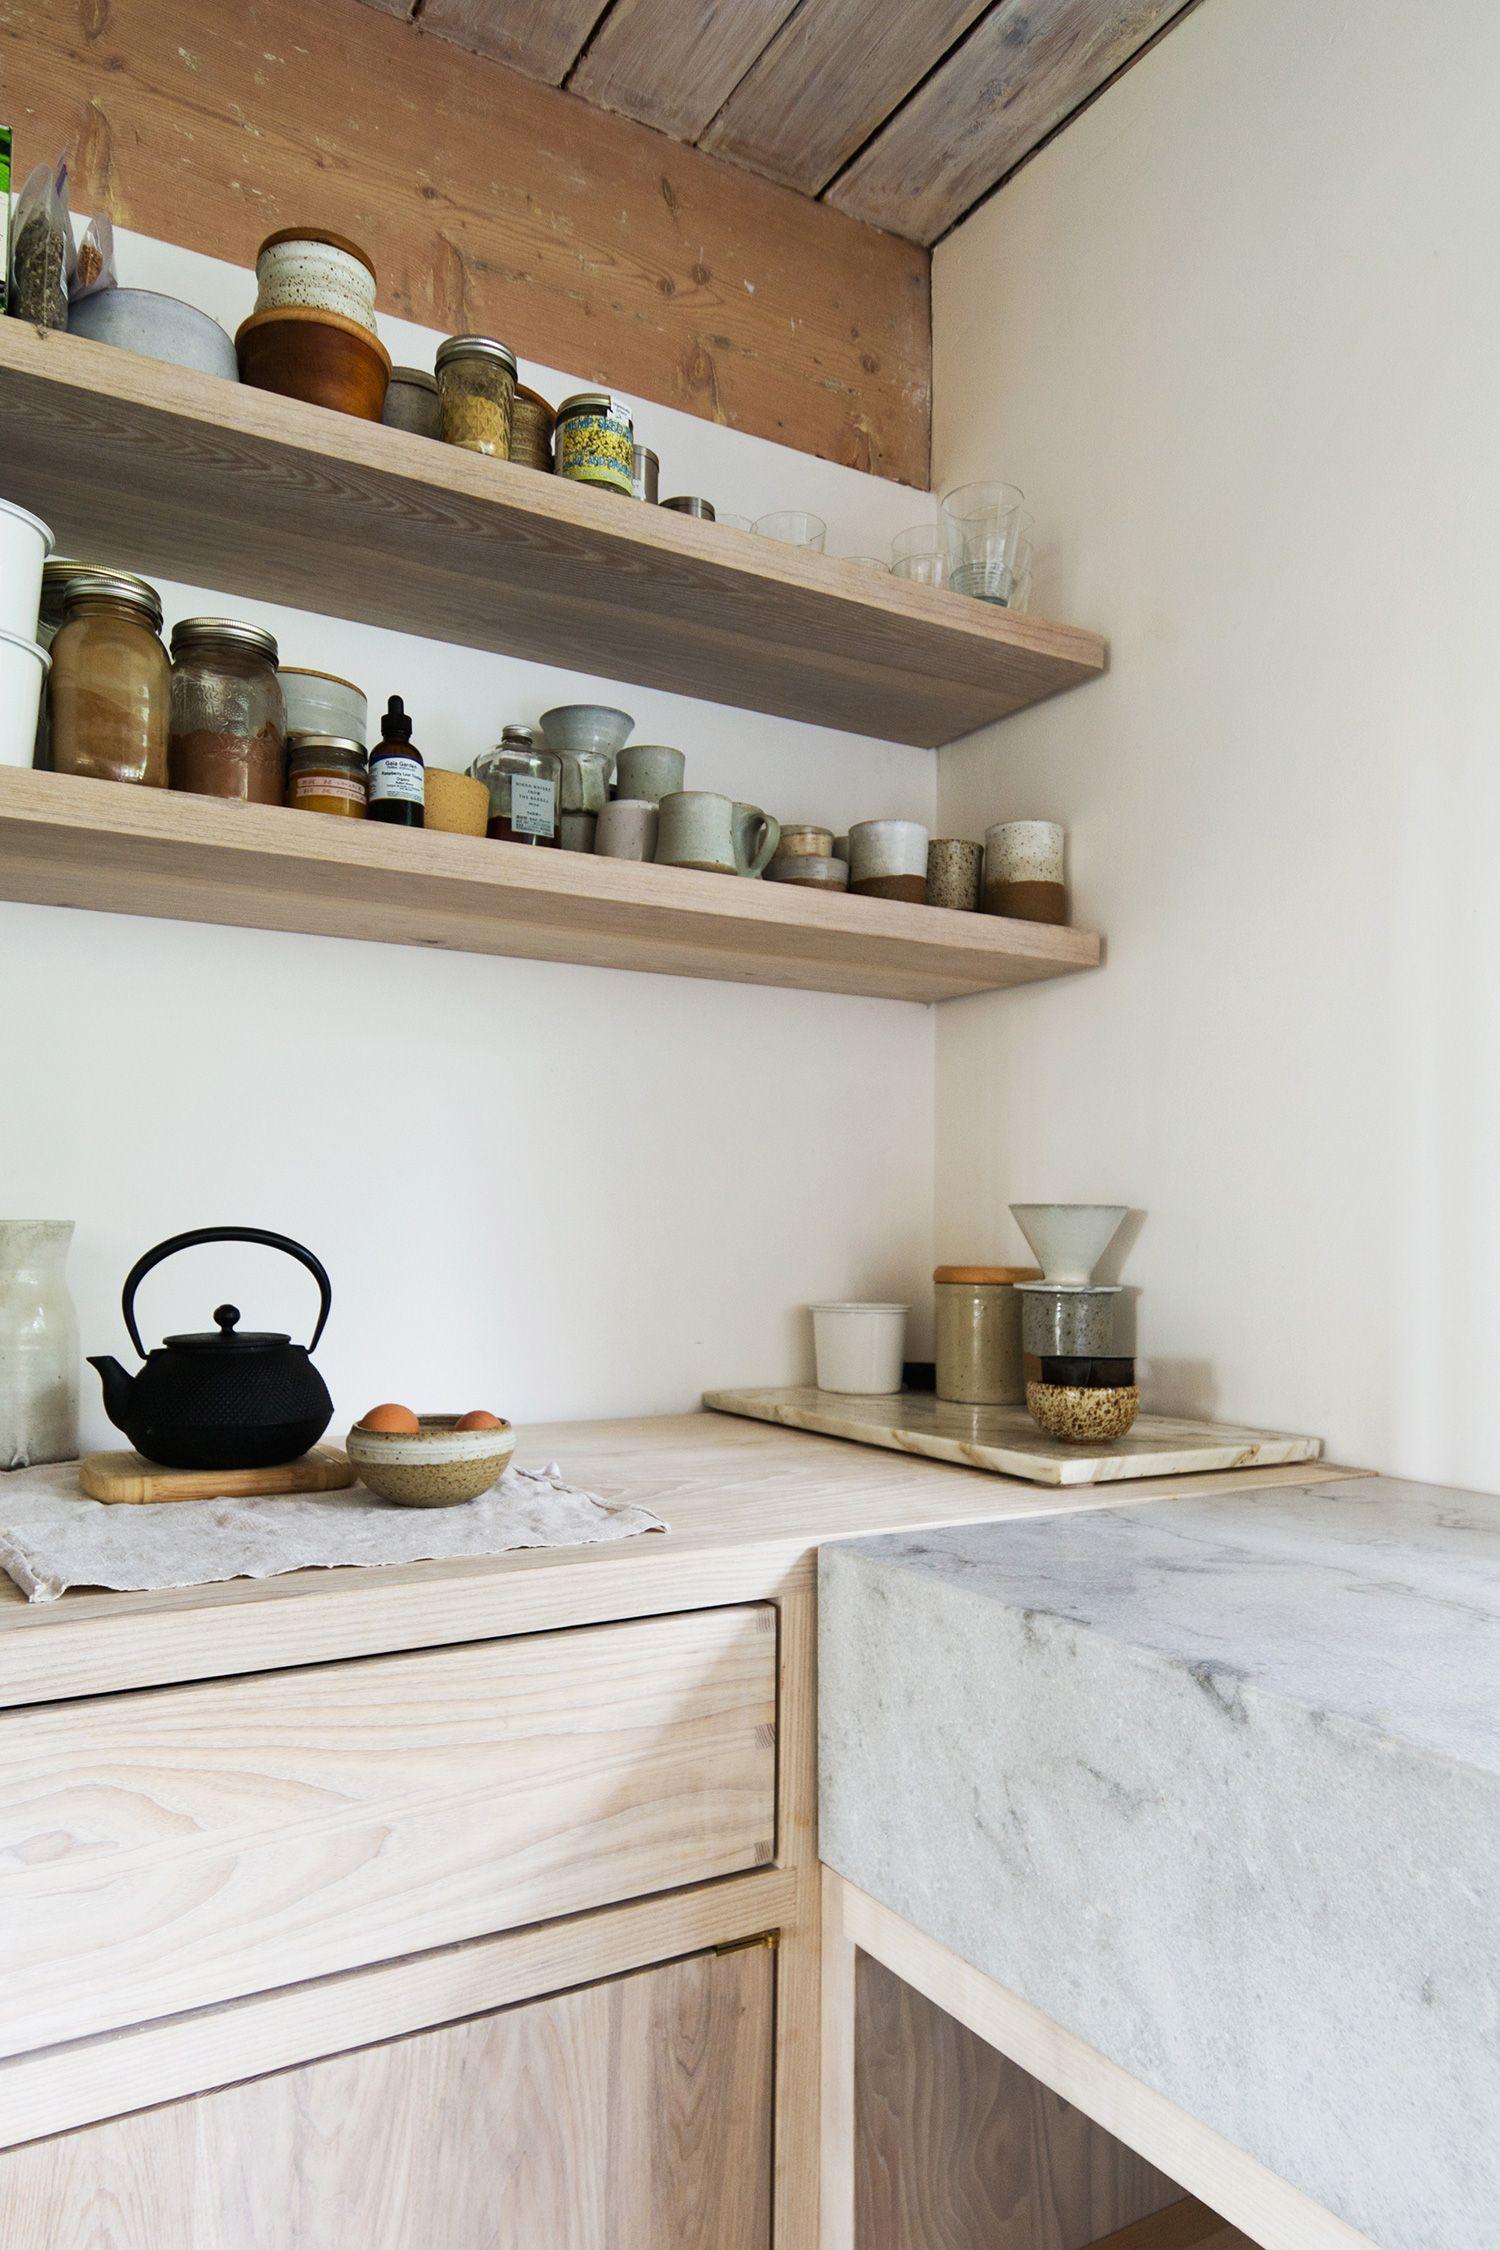 North Vancouver House | Repisas de cocina, Repisas y Cocinas